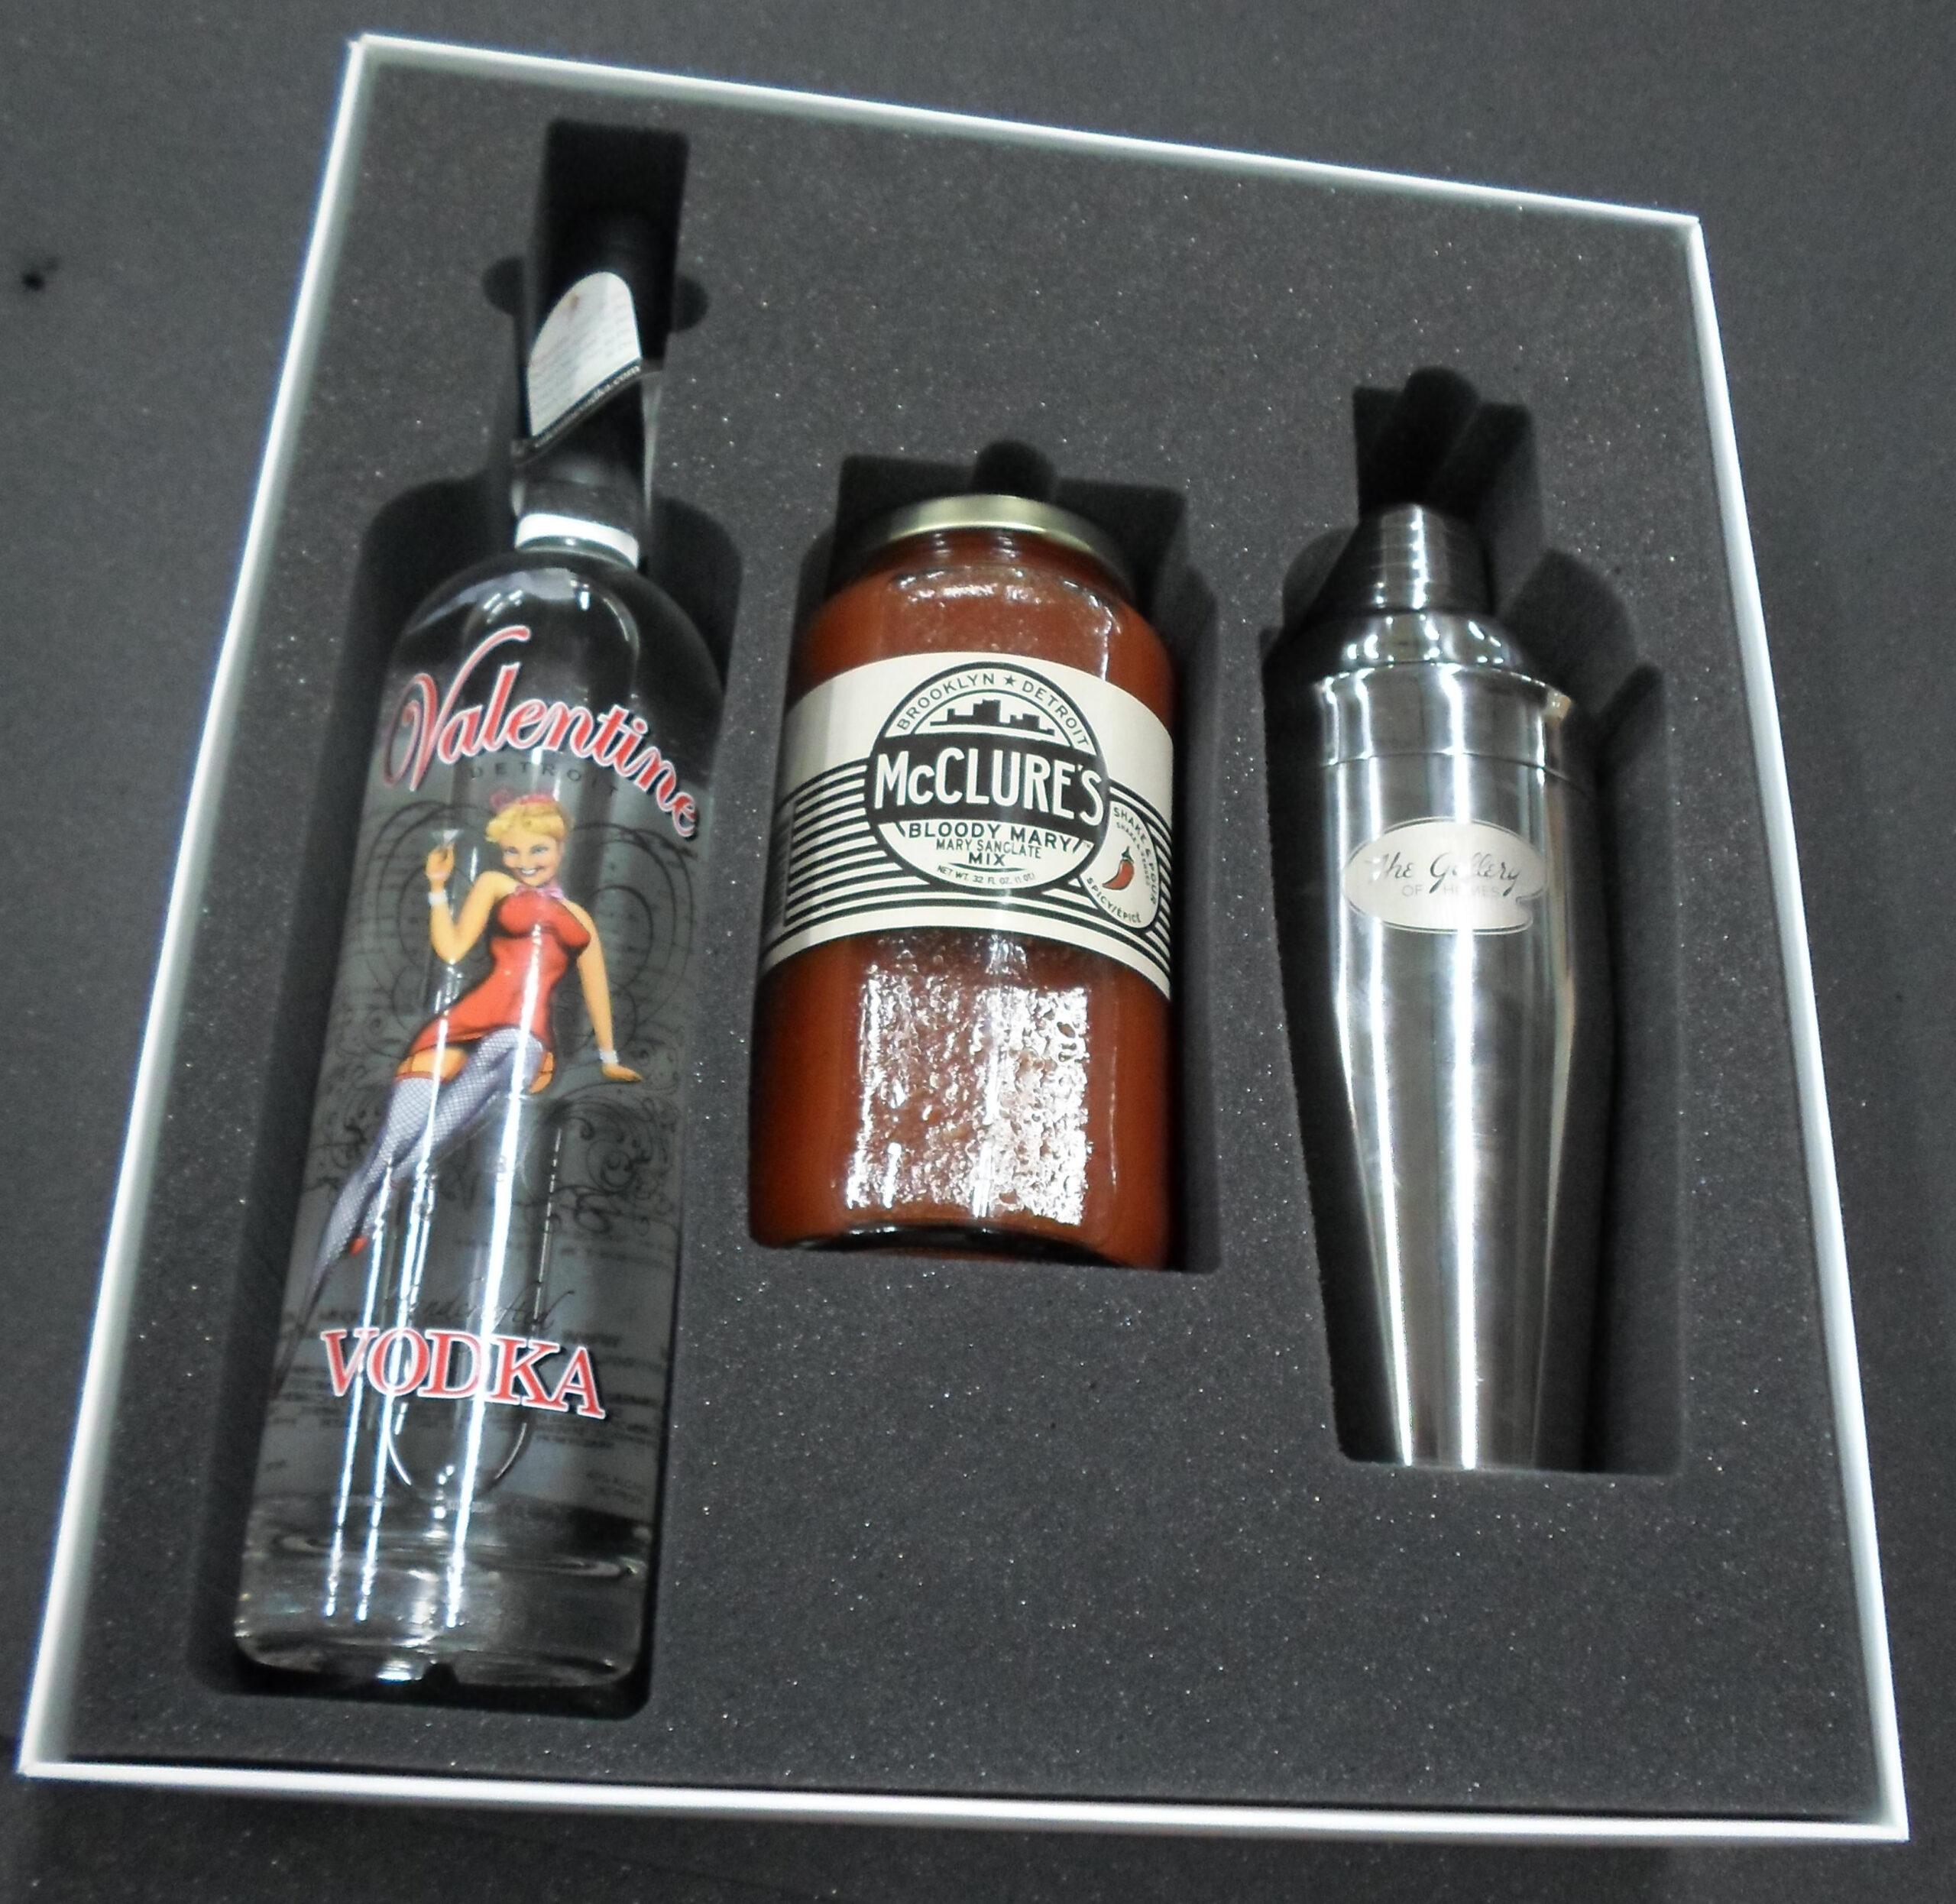 foam packaging liquor